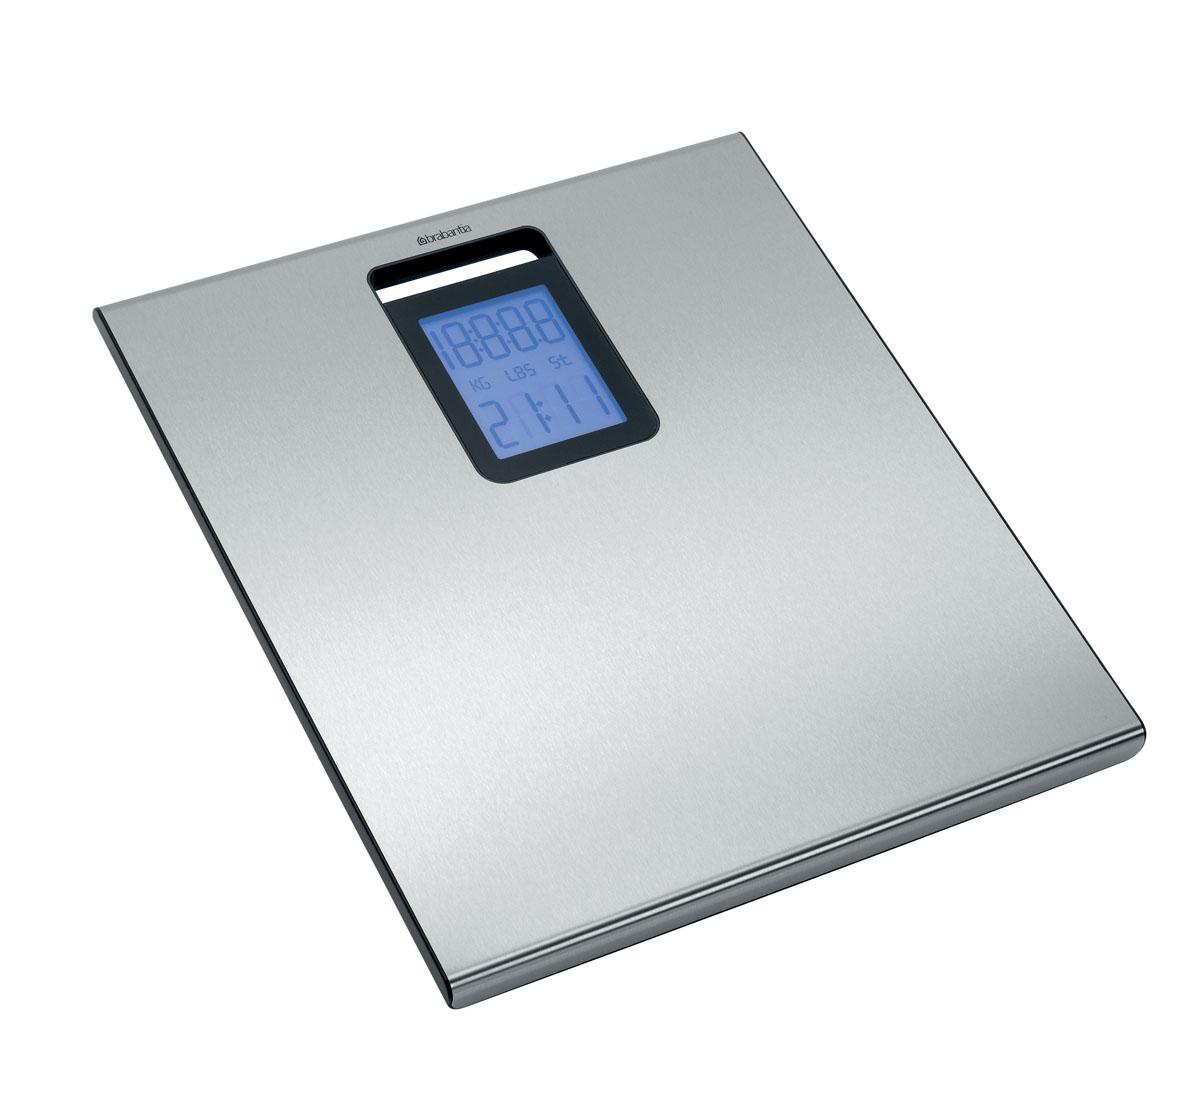 Весы для ванной комнаты Brabantia419768Стильные весы для ванной комнаты Brabantia со встроенными часами имеют широкую платформу и большой дисплей с подсветкой. Автоматическое включение одним касанием. Автоматическое отключение питания, обеспечивающее экономию ресурса батарей. Просты в очистке – уникальное покрытие с защитой от отпечатков пальцев. Отличная устойчивость – прочные защитные противоскользящие колпачки. Большой предел взвешивания (макс 160 кг). Изделие поставляется с комплектом батарей (4 x AAA 1,5 V). Компактны при хранении – в комплект входит кронштейн для крепления к стене. Просты в использовании – четкая пошаговая инструкция. Изготовлены из долговечных коррозионностойких материалов.